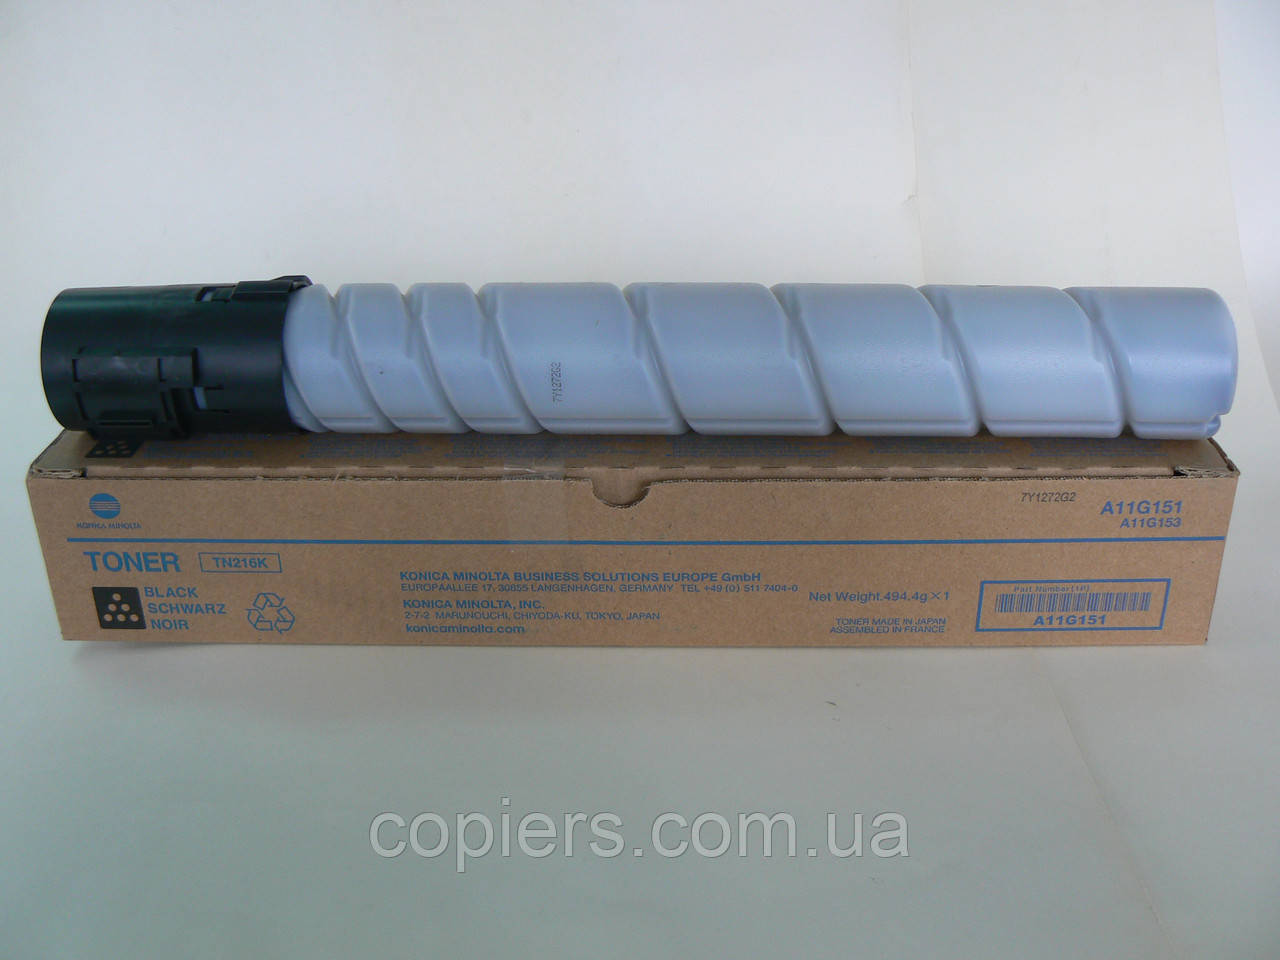 TN216 K тонер картридж Konica Minolta bizhub C220/C280 оригинал